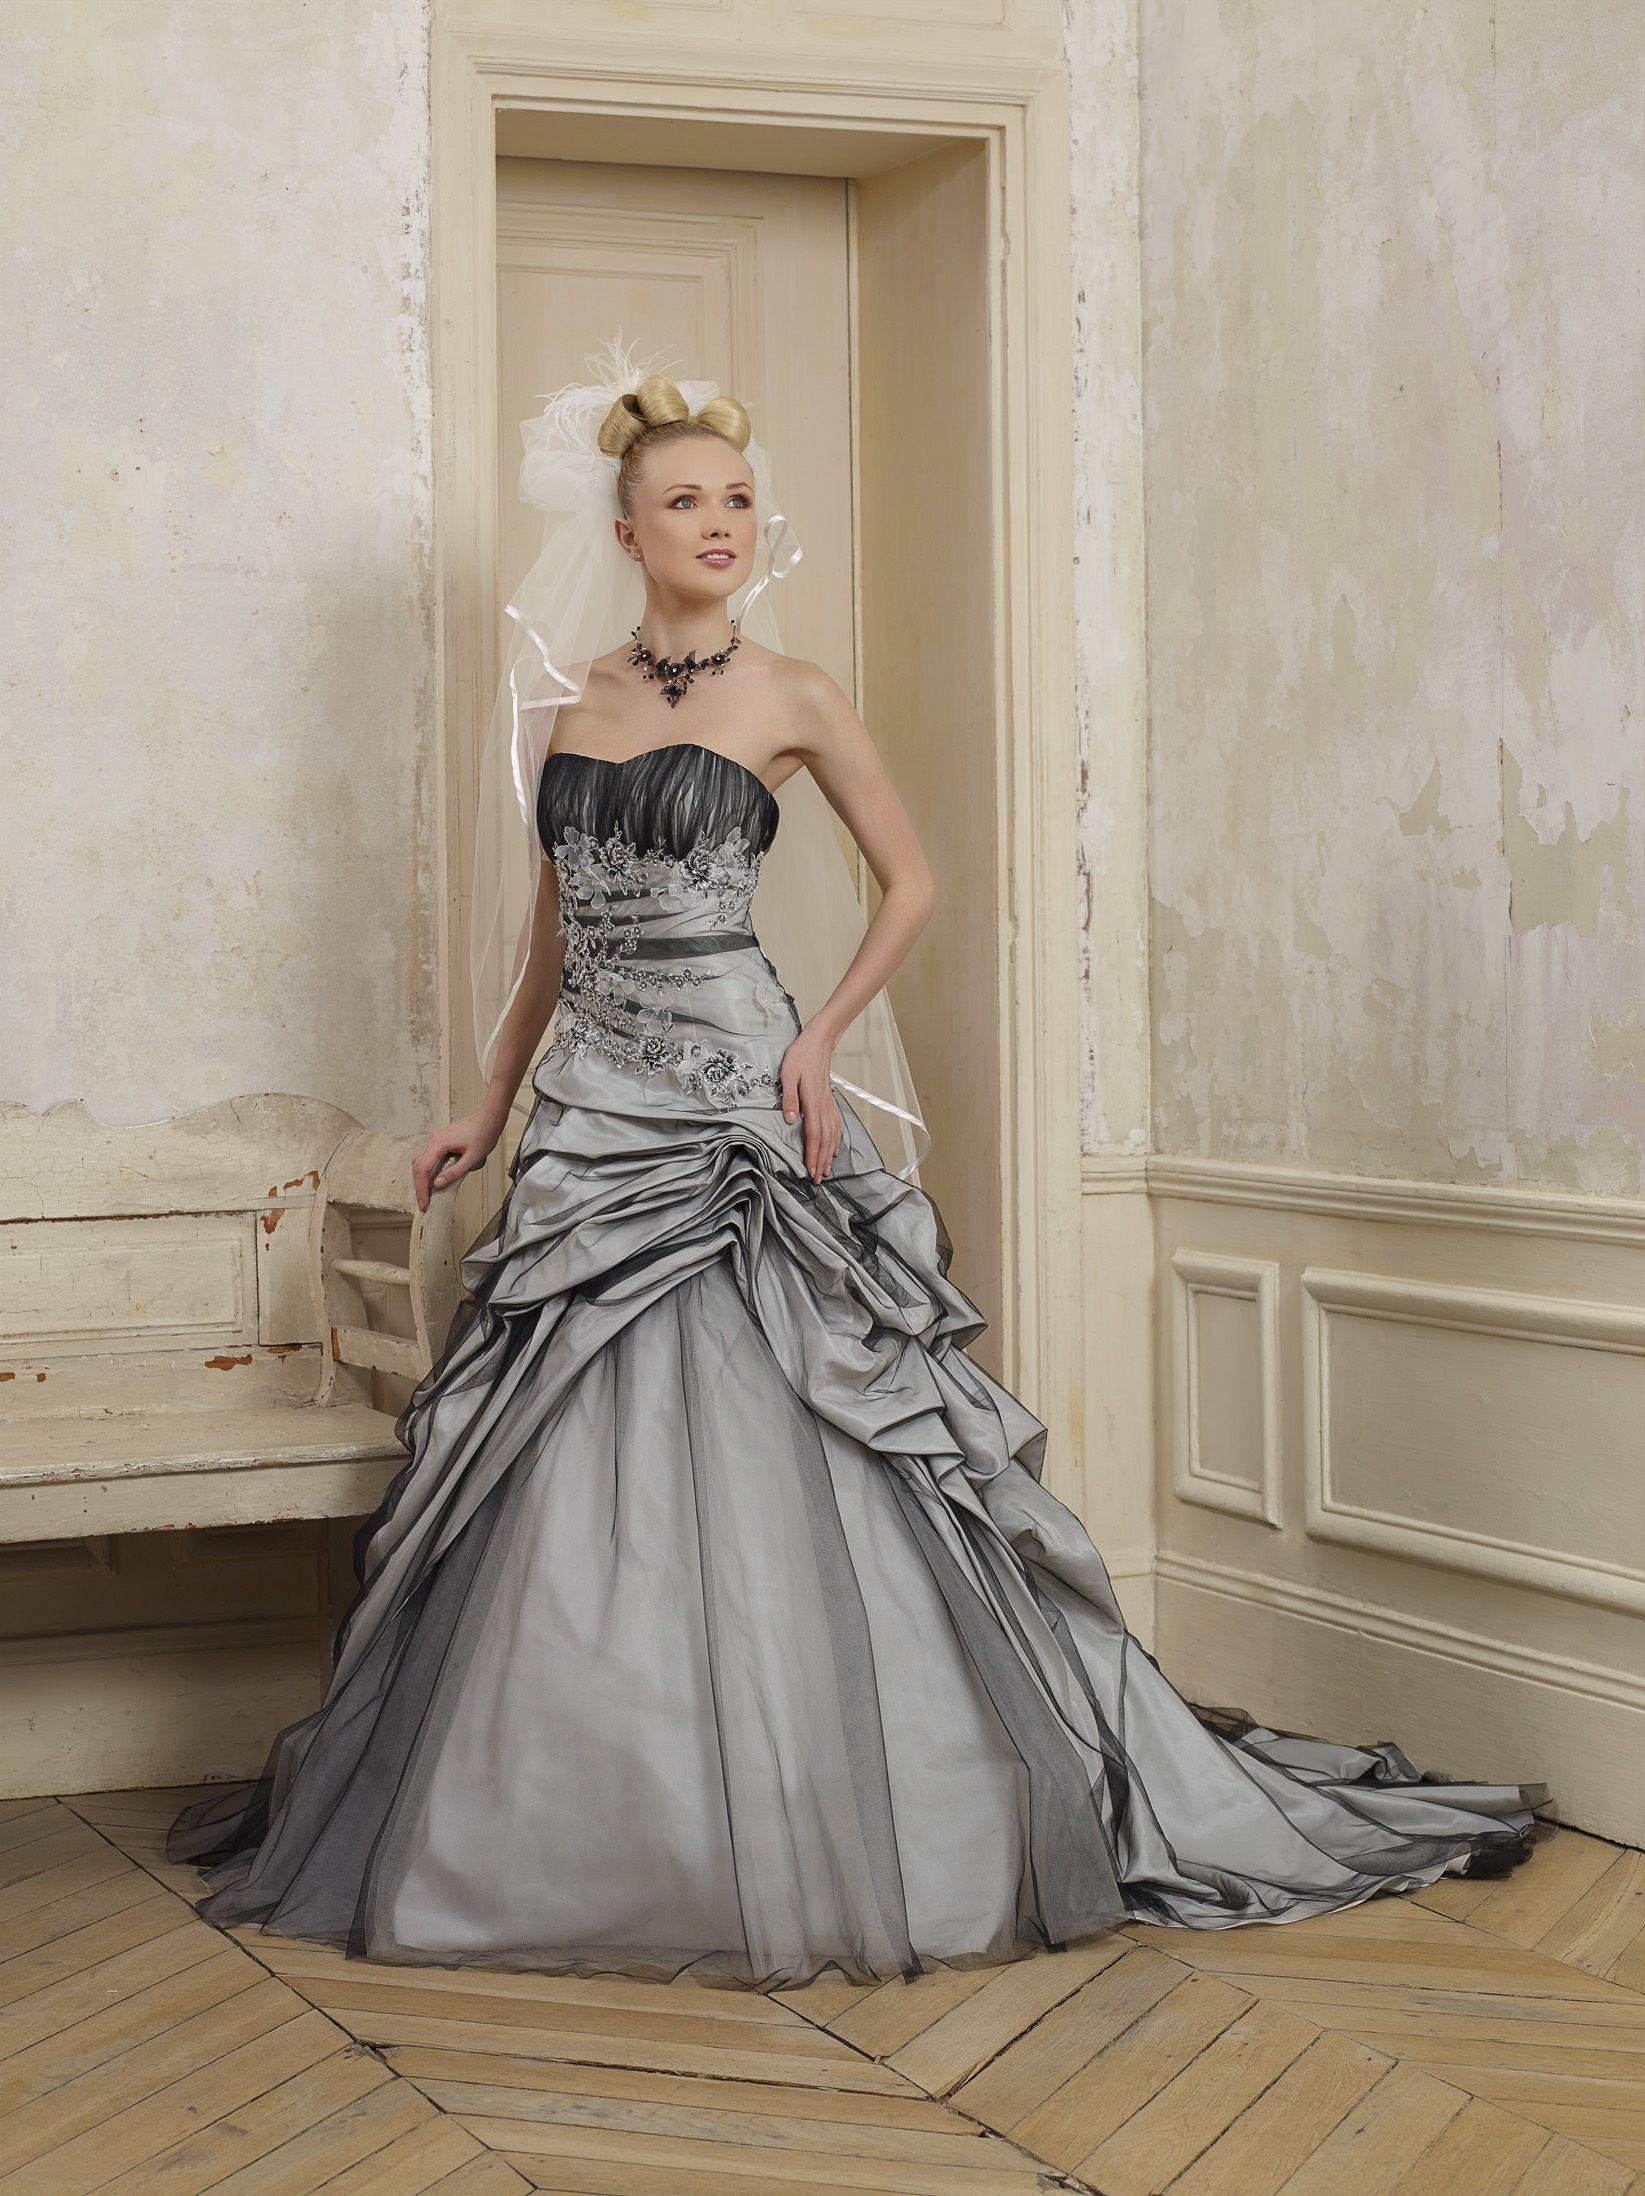 robe de mari e cybelia et pourquoi pas une robe toute en couleur pour celles qui souhaitent. Black Bedroom Furniture Sets. Home Design Ideas